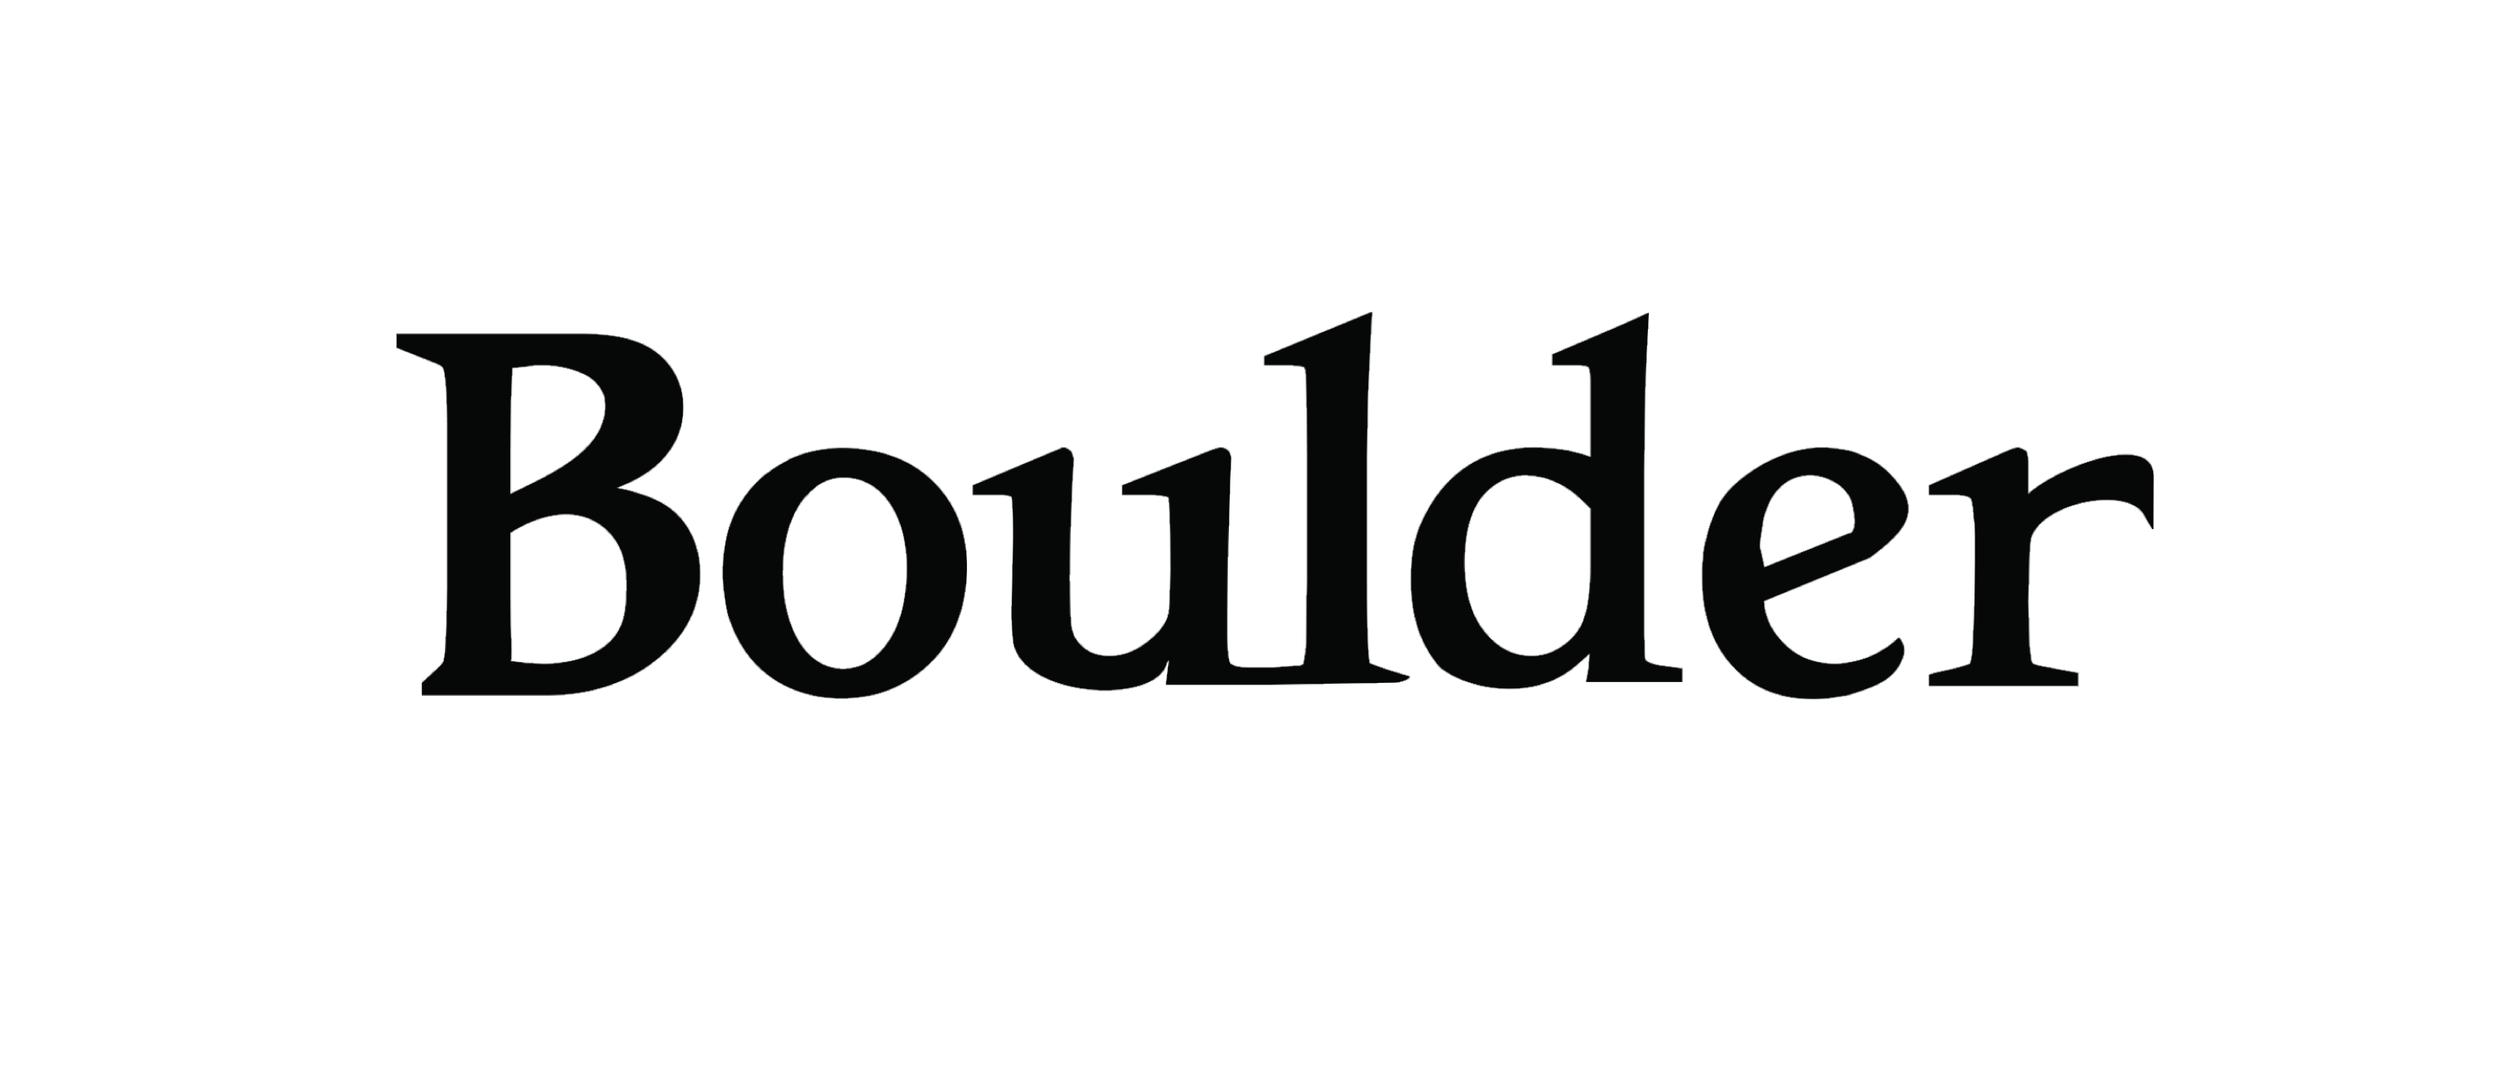 boulder-01-01.png